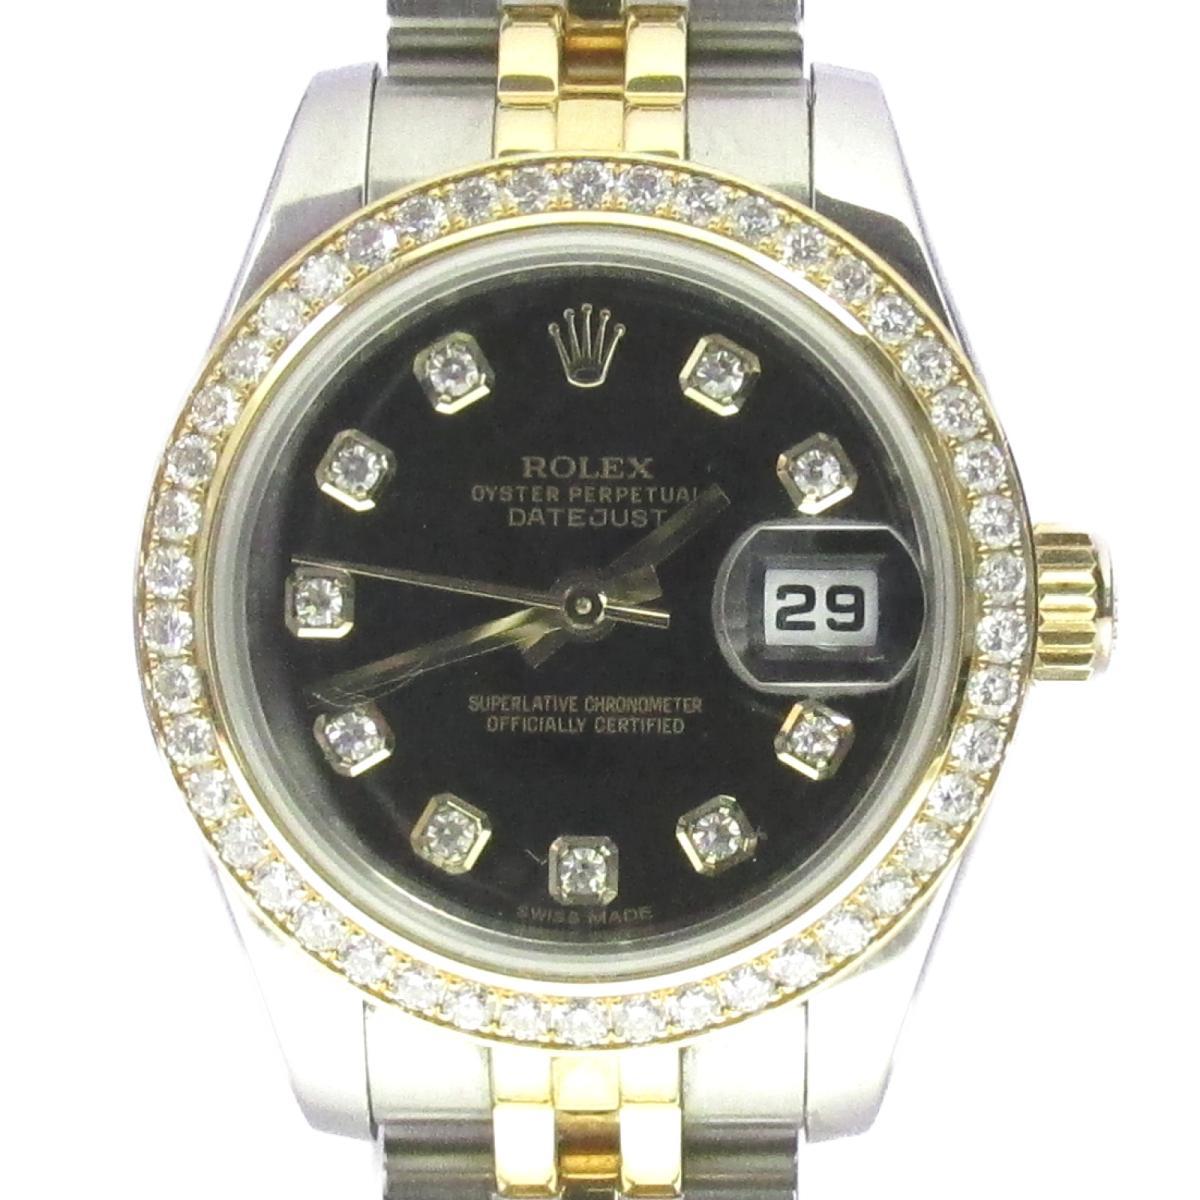 【中古】 ロレックス デイトジャスト・ダイヤモンドベゼル 腕時計 ステンレススチール (SS) K18YG (750)イエローゴールド ブラック (179383) | ROLEX BRANDOFF ブランドオフ ブランド ブランド時計 ブランド腕時計 時計